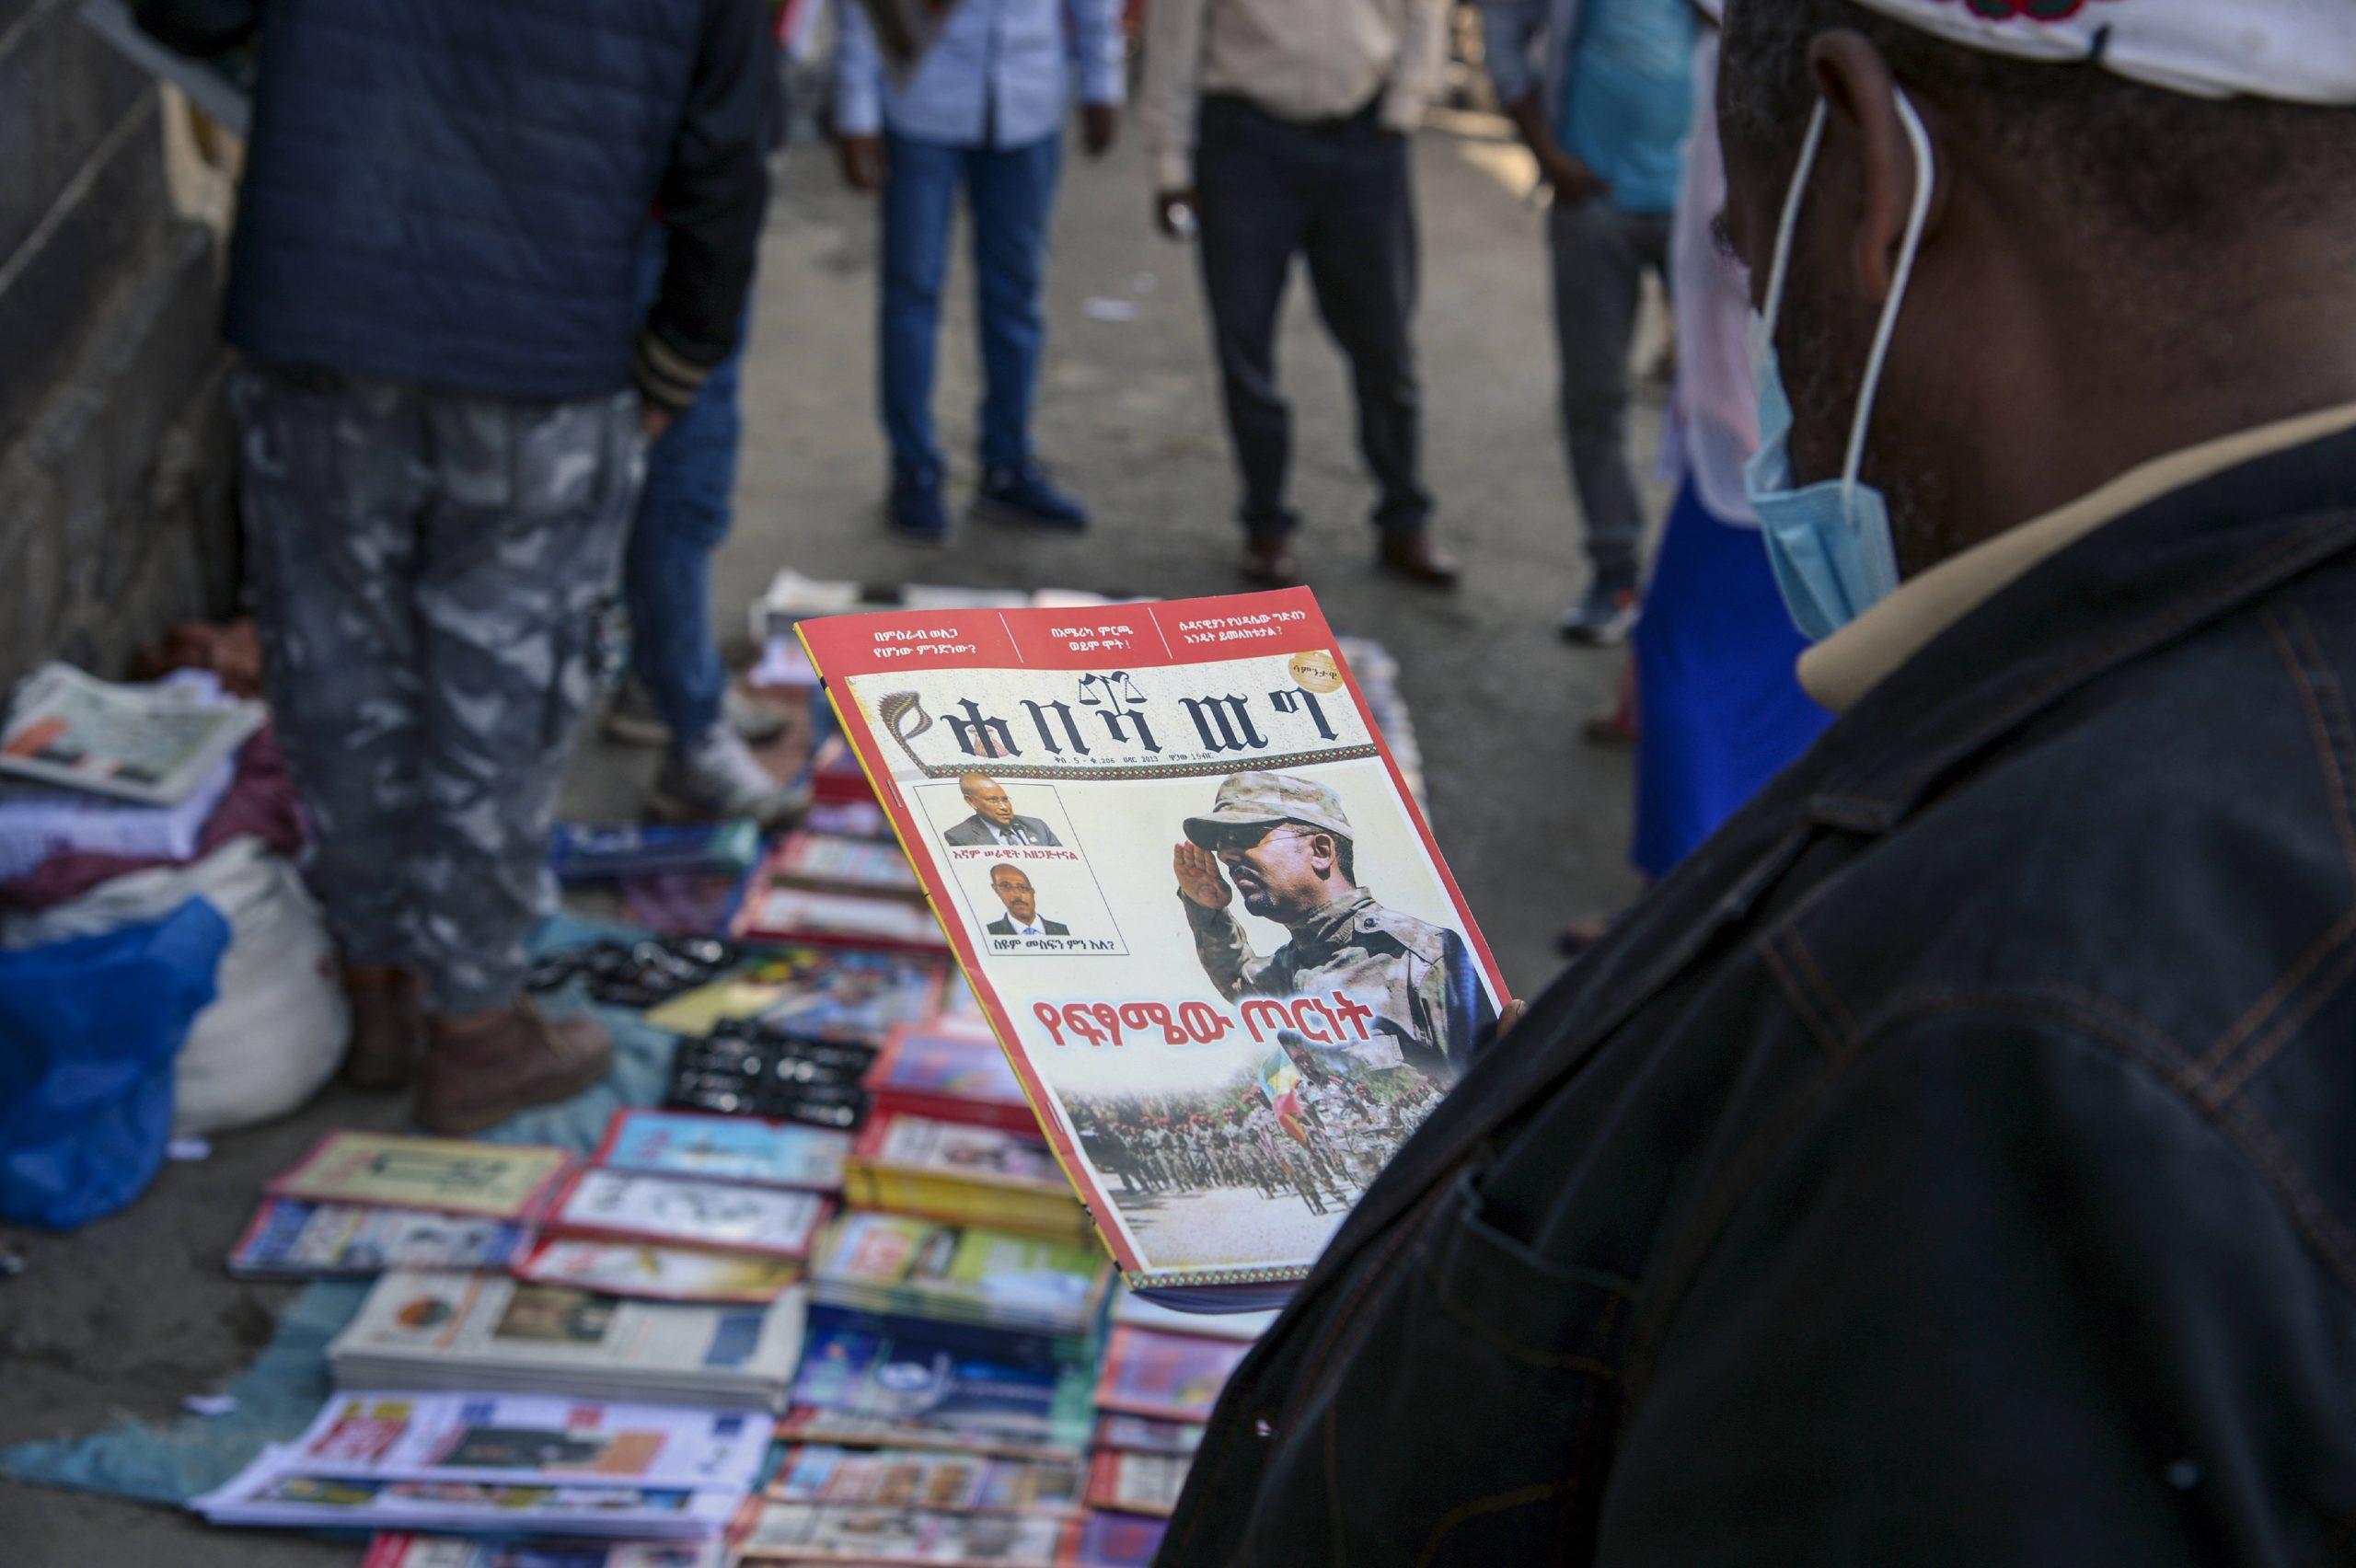 Les une de la presse éthiopienne évoquant les hostilités dans la région du Tigré, à Addis-Abeba, le 7 novembre 2020.